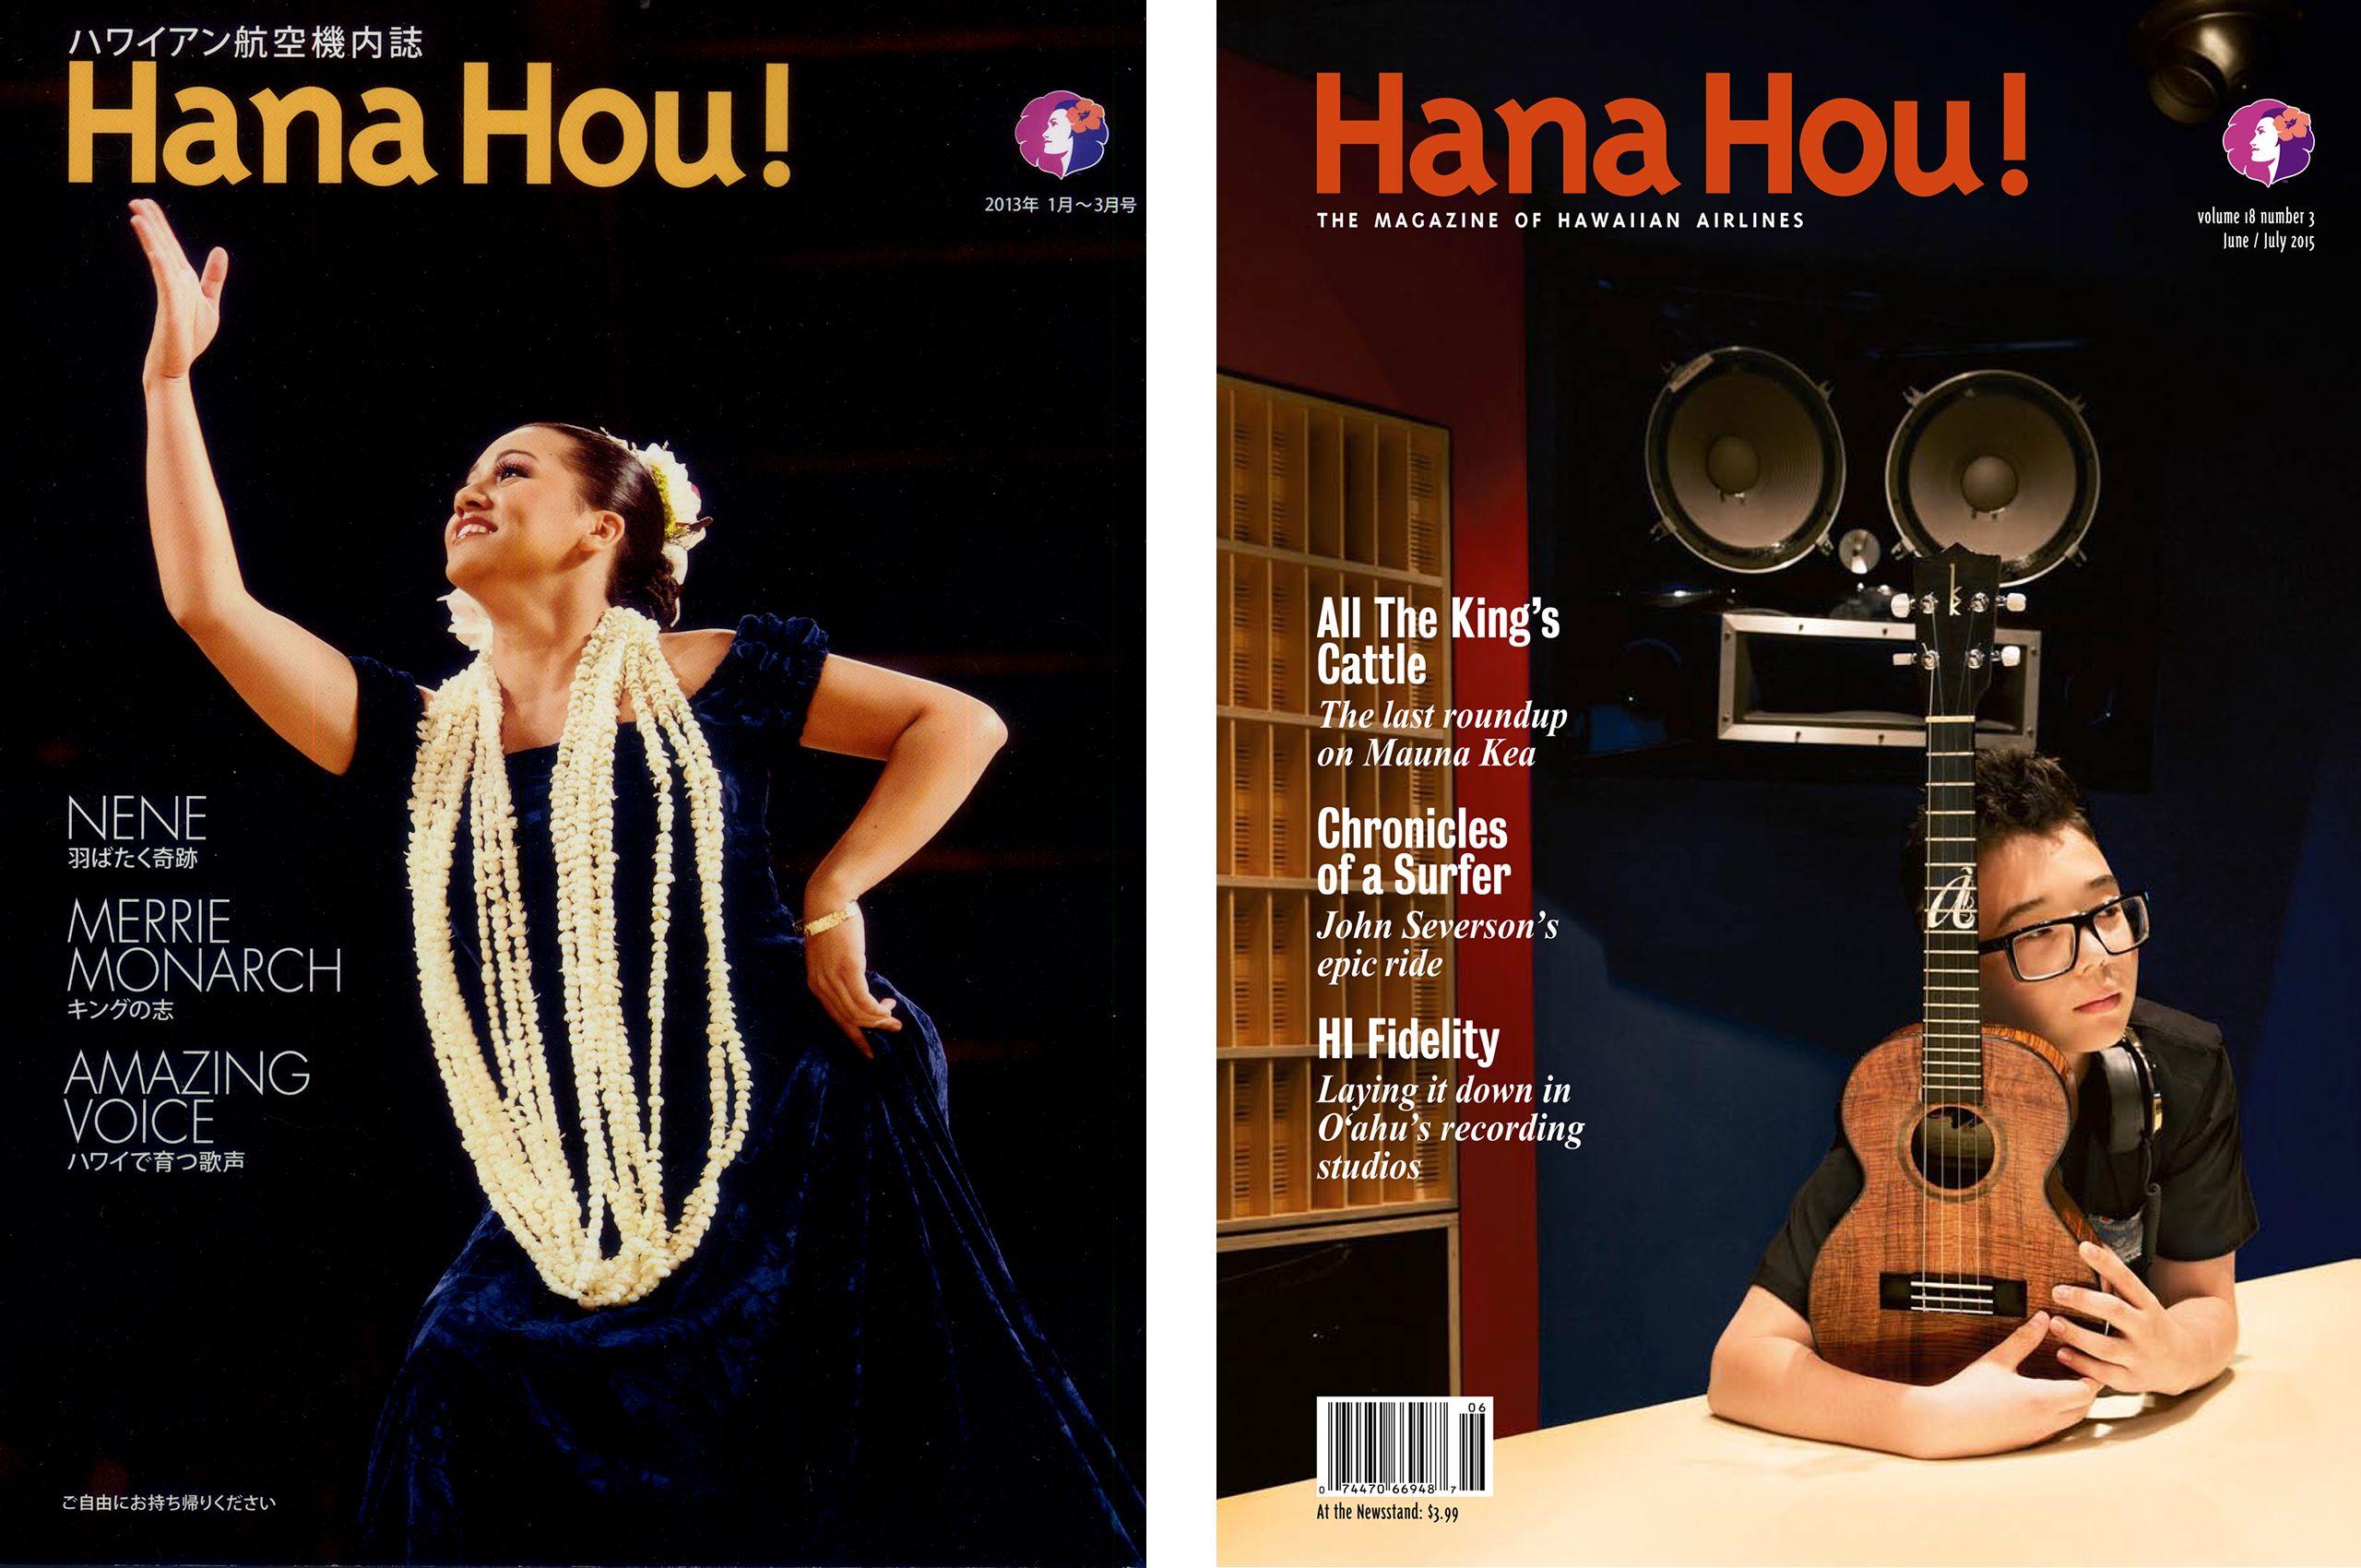 LIVEBOOKS-HanaHou-Covers-1.jpg